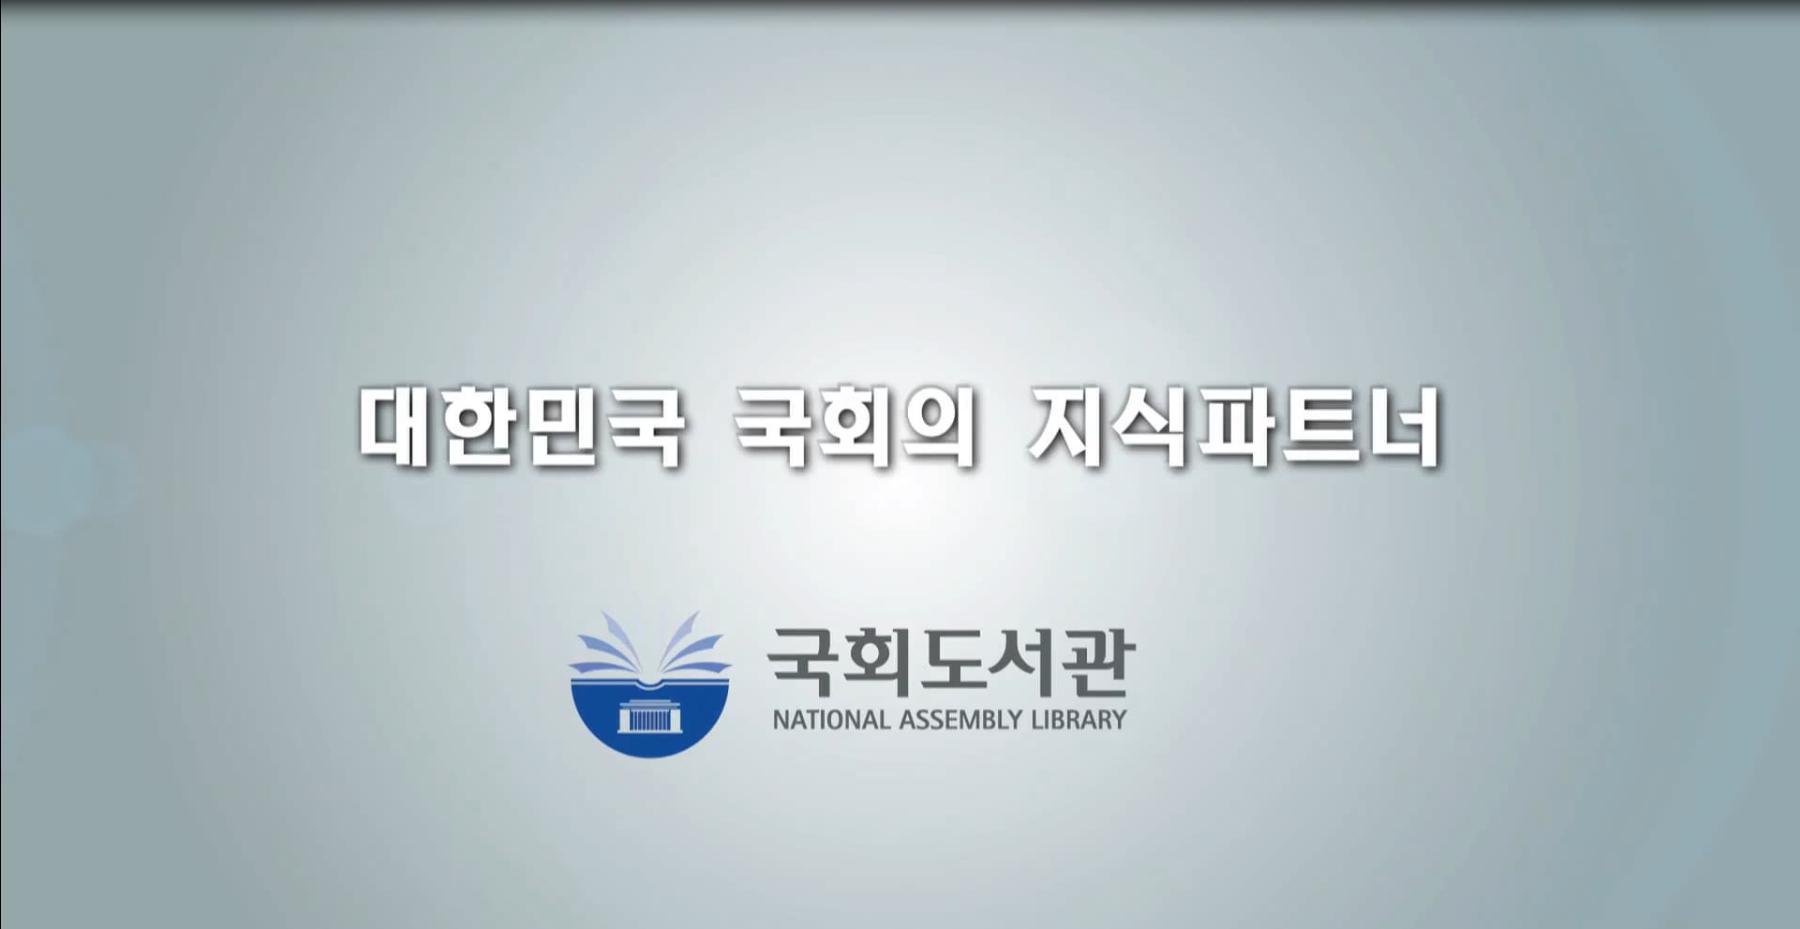 2016년 한국어판 VOD